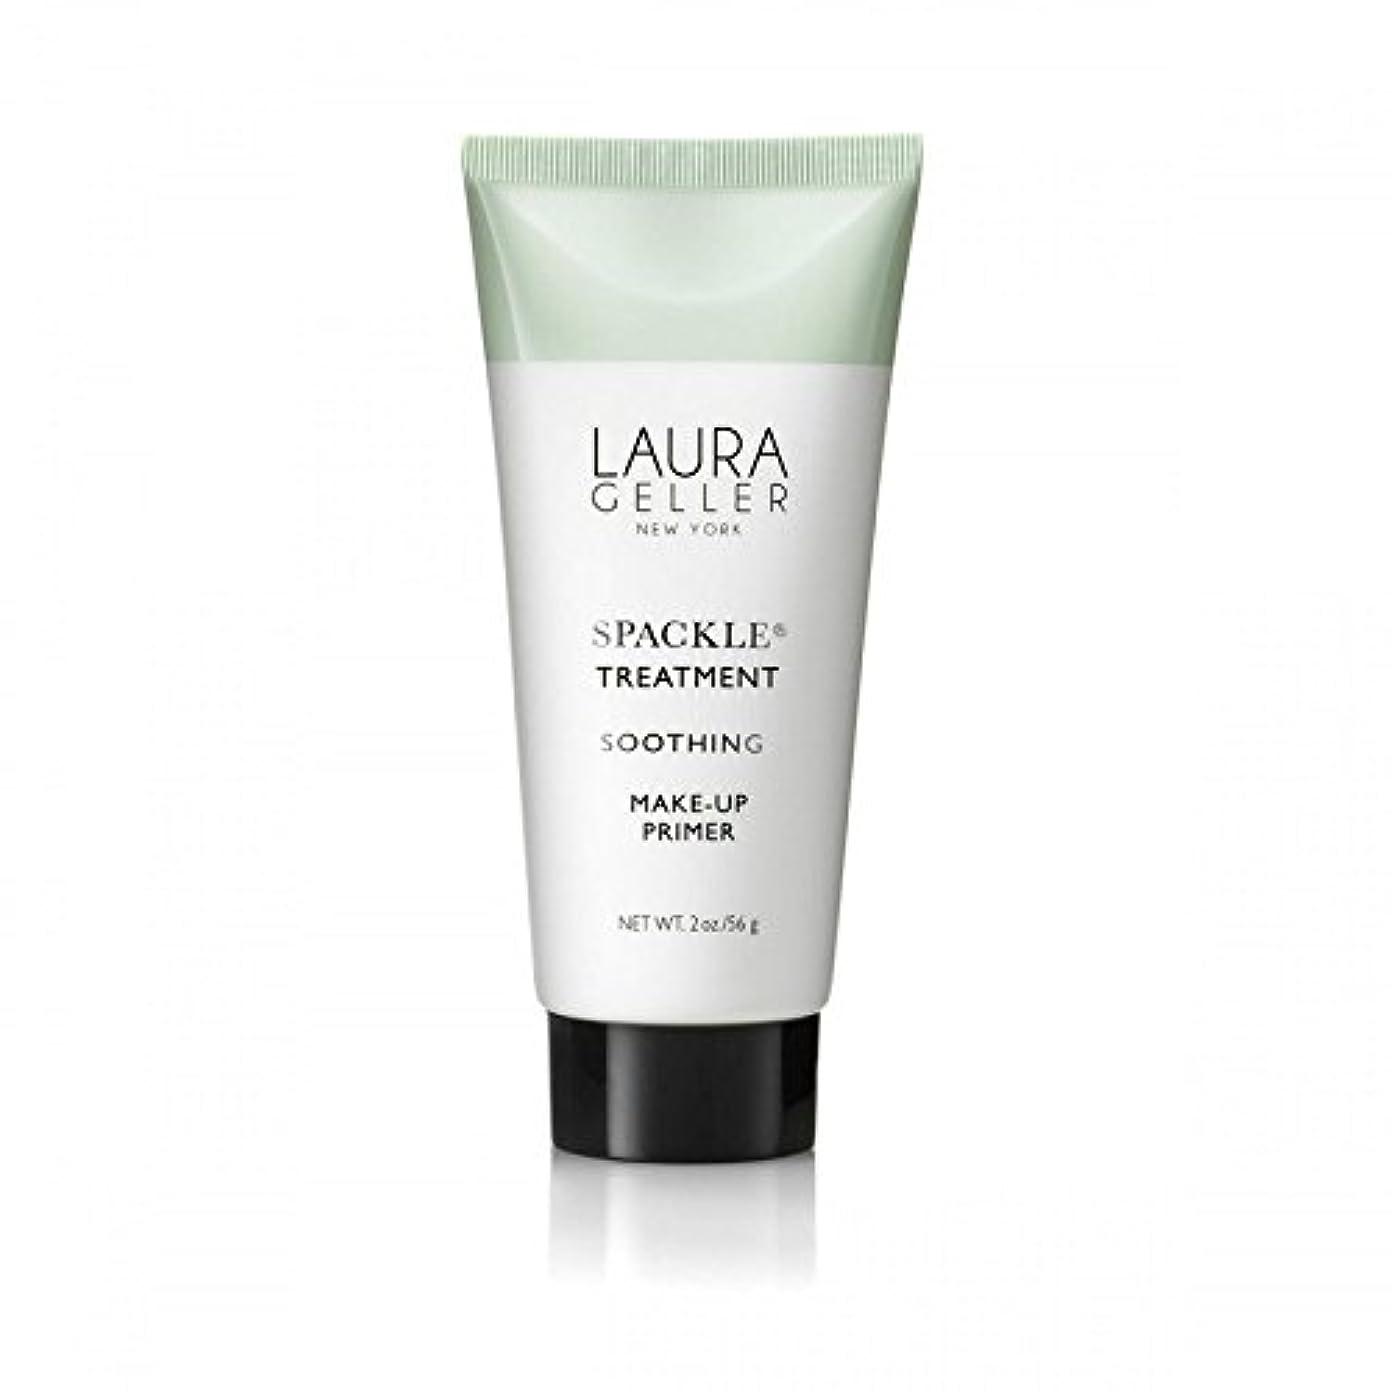 句読点モジュールピアLaura Geller Spackle Treatment Under Make-Up Primer Soothing - メイクアッププライマー癒しの下のローラ?ゲラー 処理 [並行輸入品]